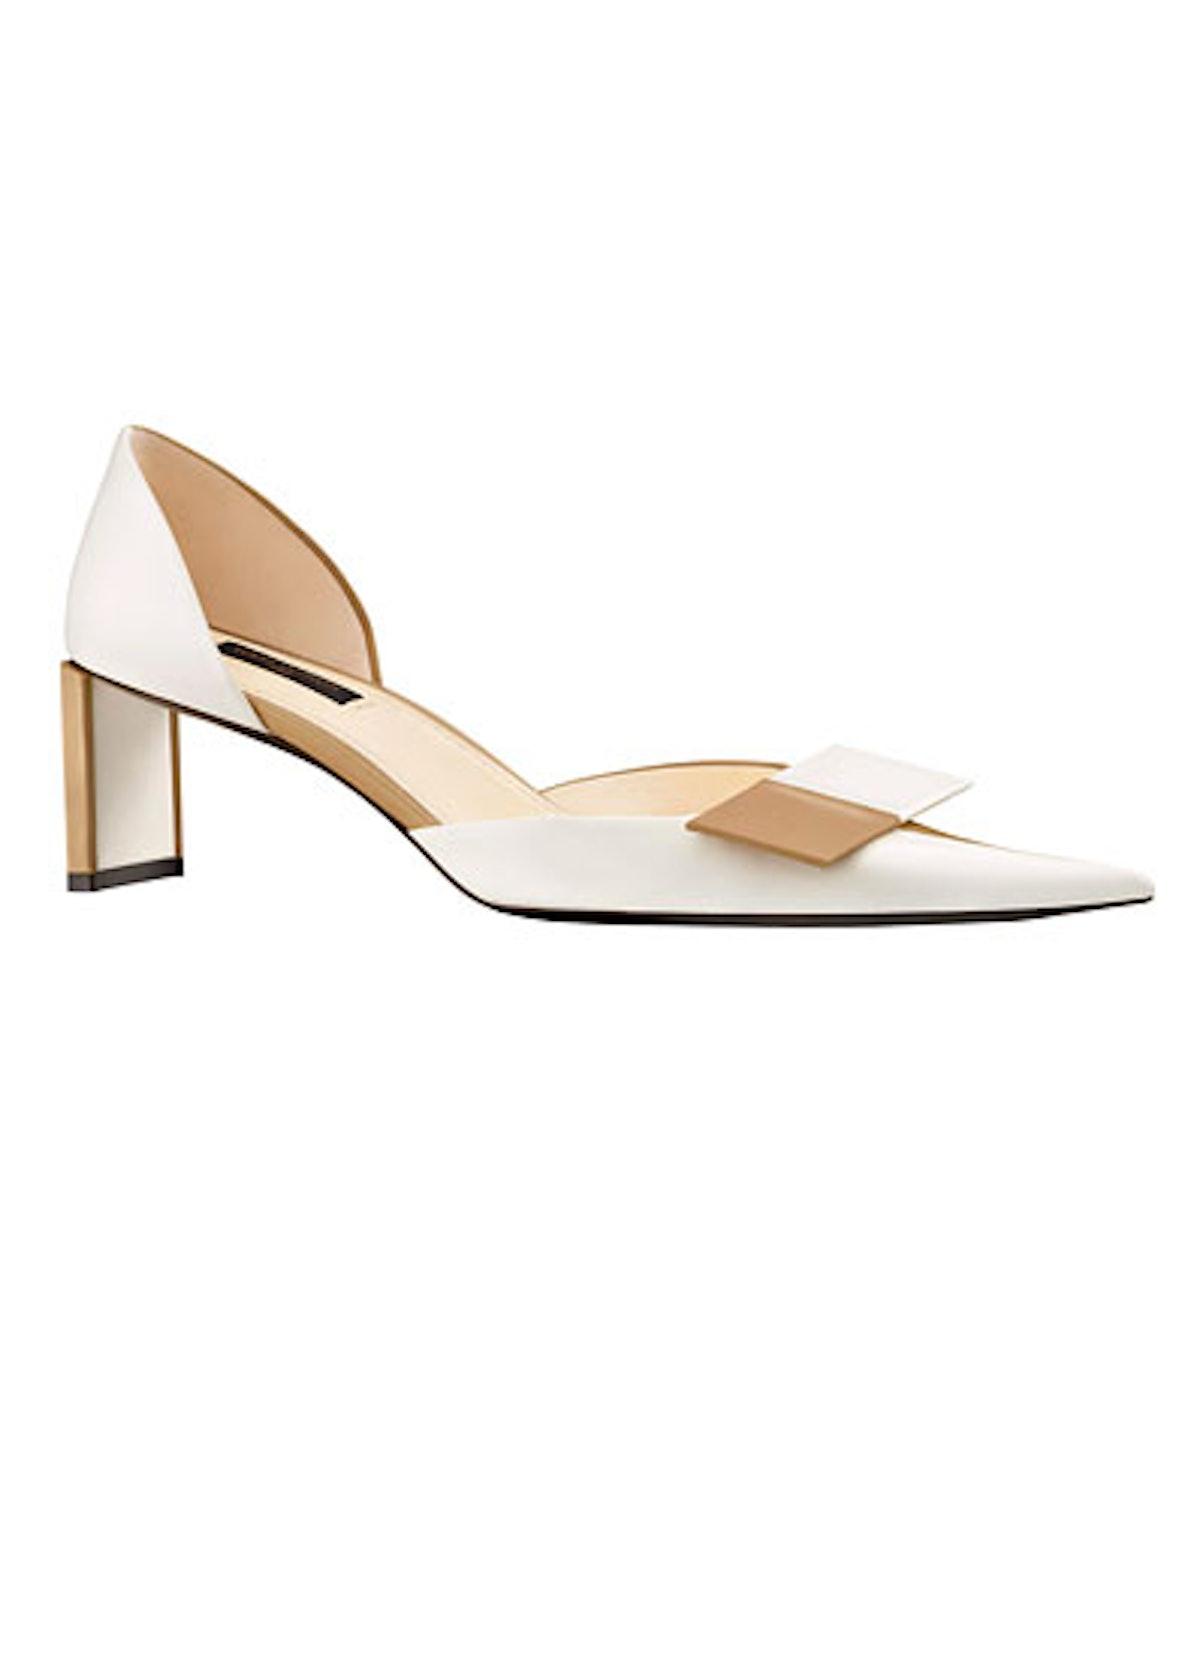 acss-kitten-heels-trend-03-v.jpg